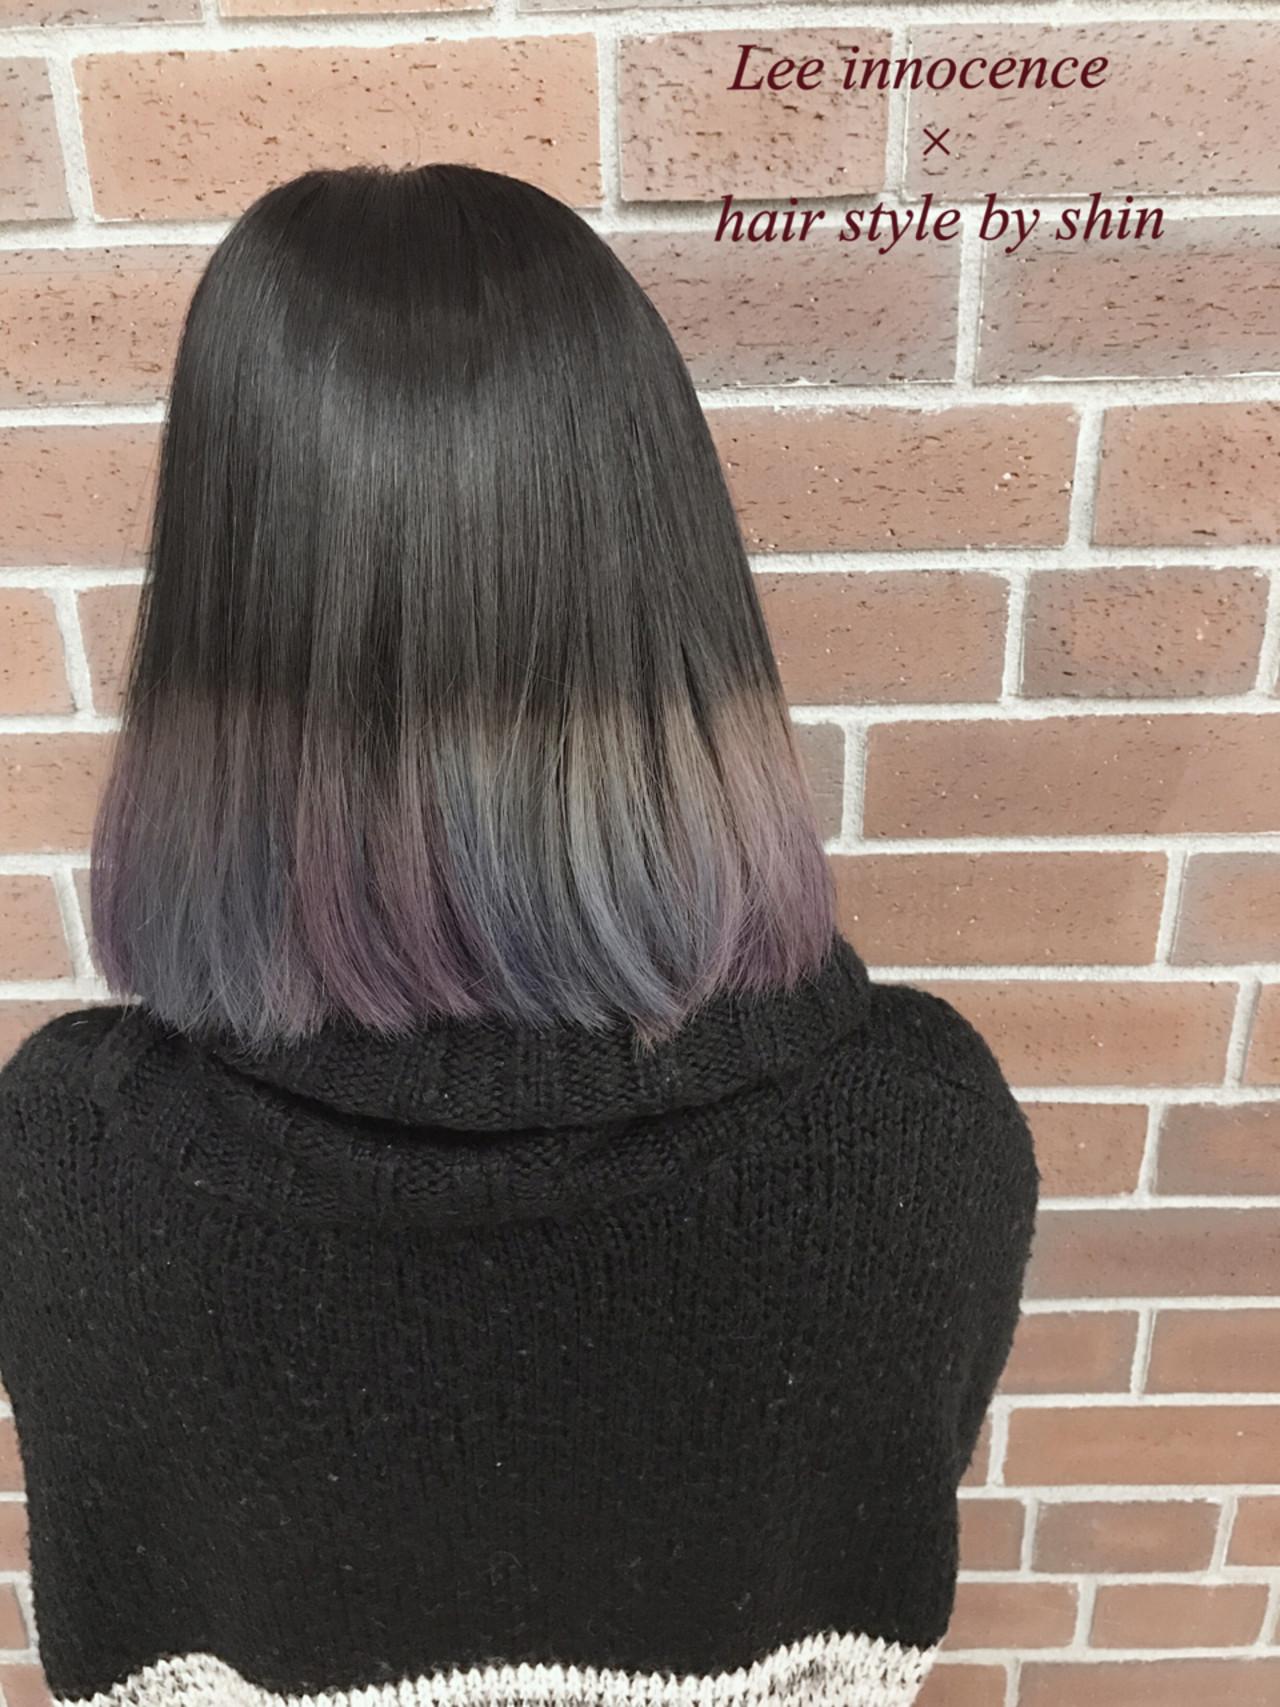 アッシュ グラデーションカラー ストリート ボブ ヘアスタイルや髪型の写真・画像 | Lee innocence 宮本伸一(shin) / Lee innocence 西宮北口店